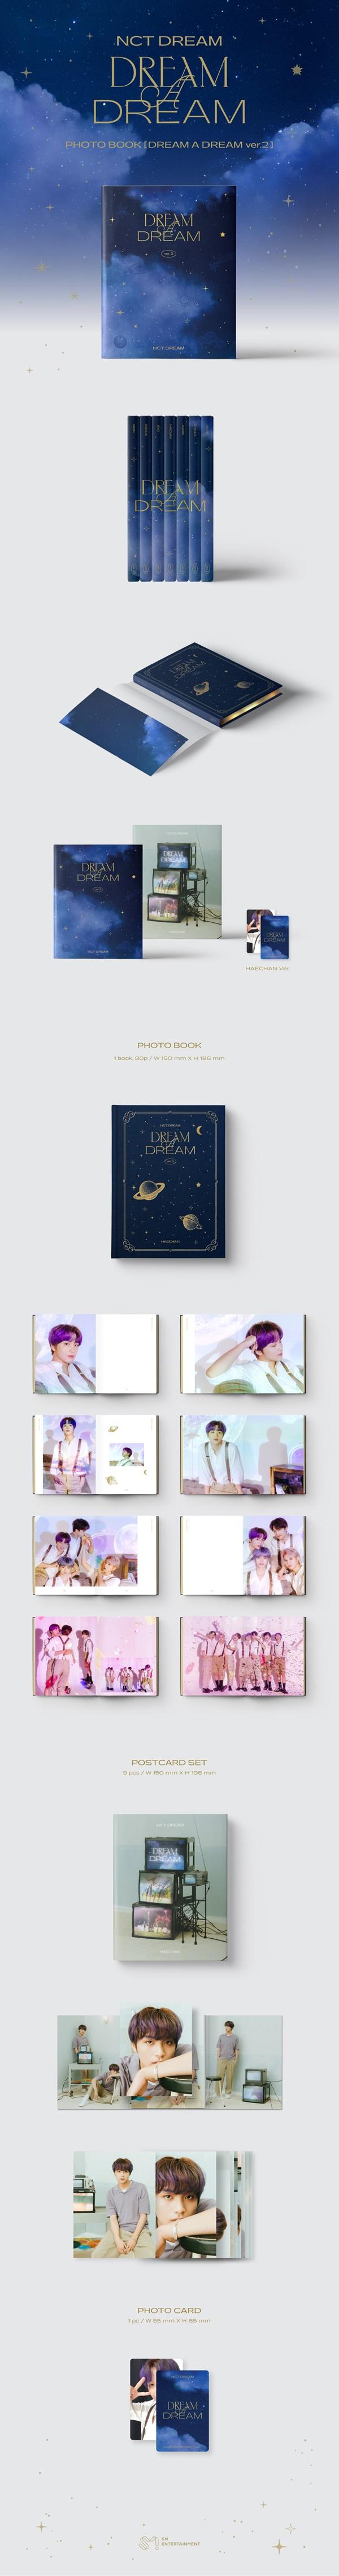 NCT DREAM PHOTO BOOK [DREAM A DREAM ver.2]: HAECHAN Ver.